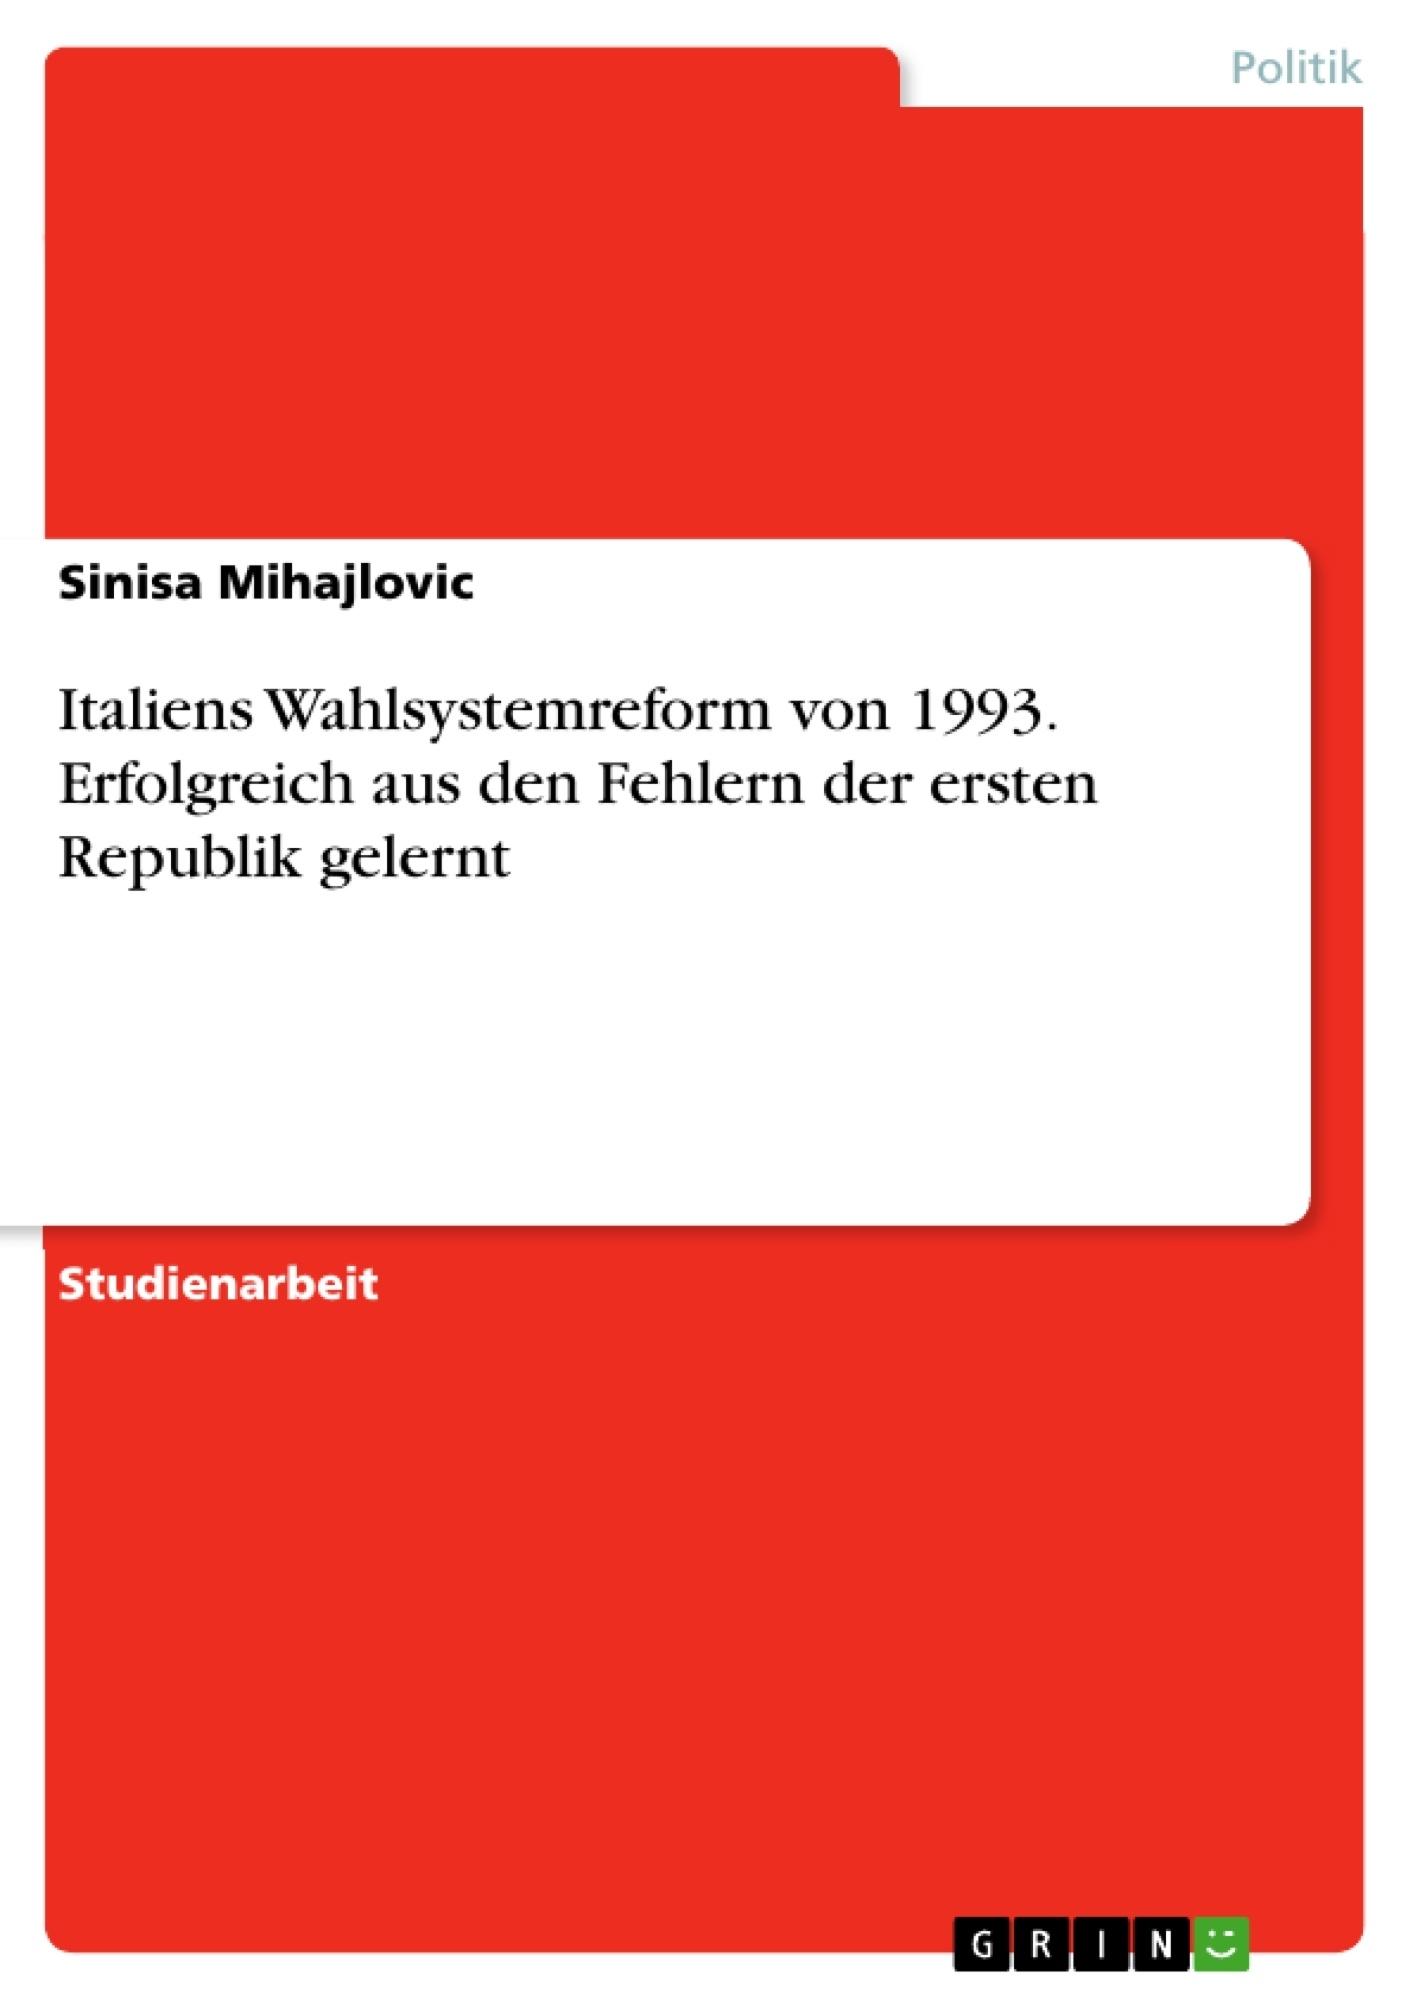 Titel: Italiens Wahlsystemreform von 1993. Erfolgreich aus den Fehlern der ersten Republik gelernt